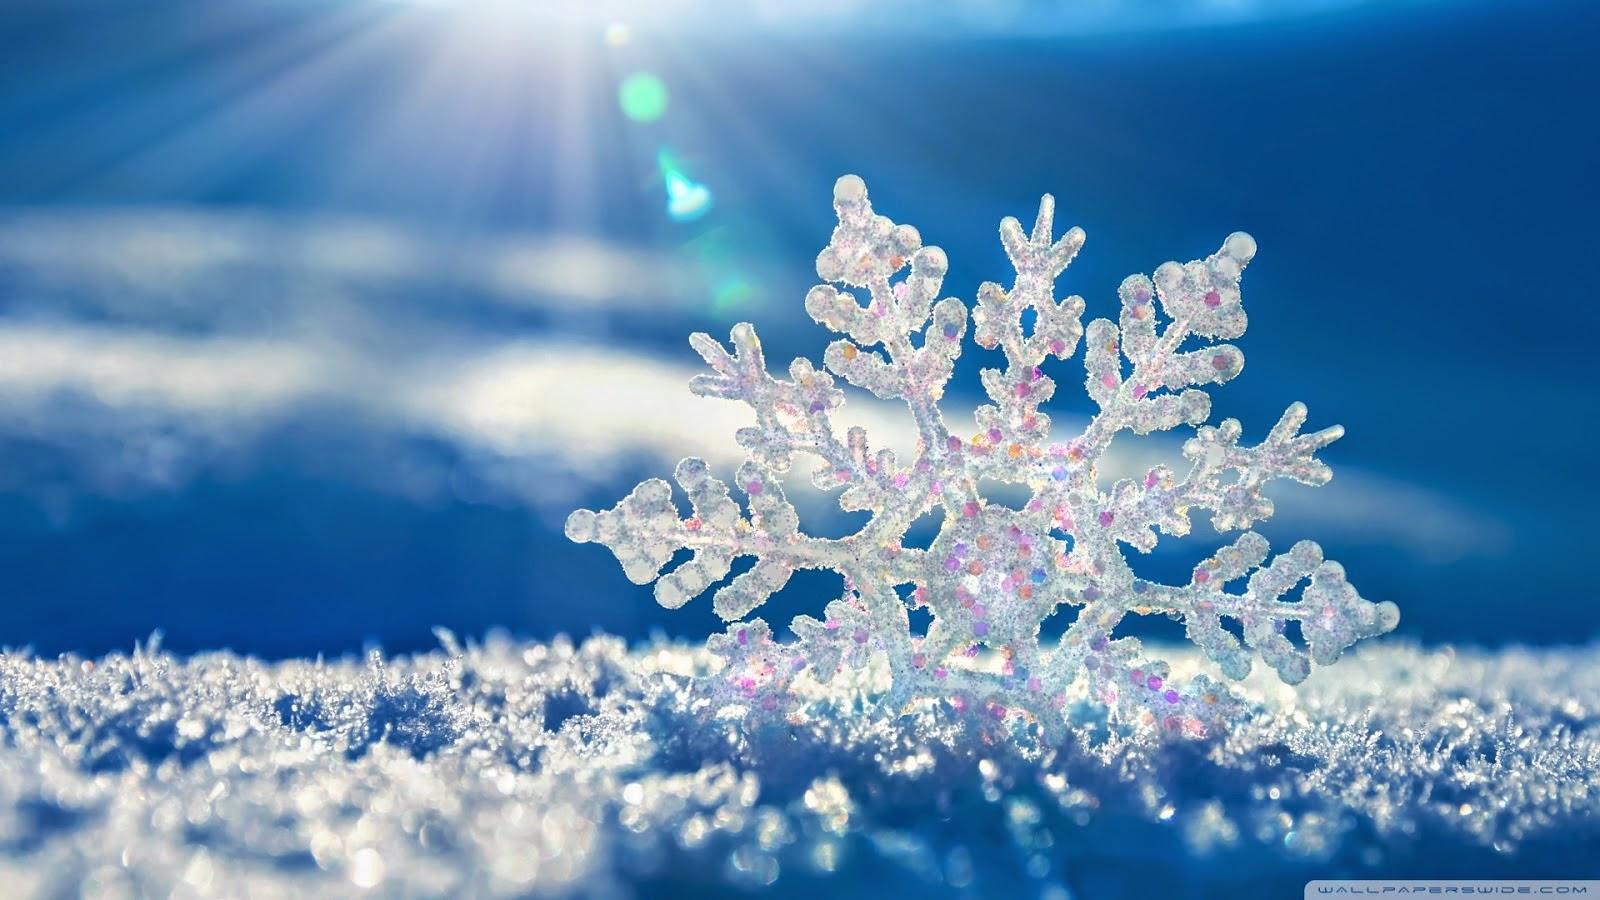 Rüyada Kar Görmek